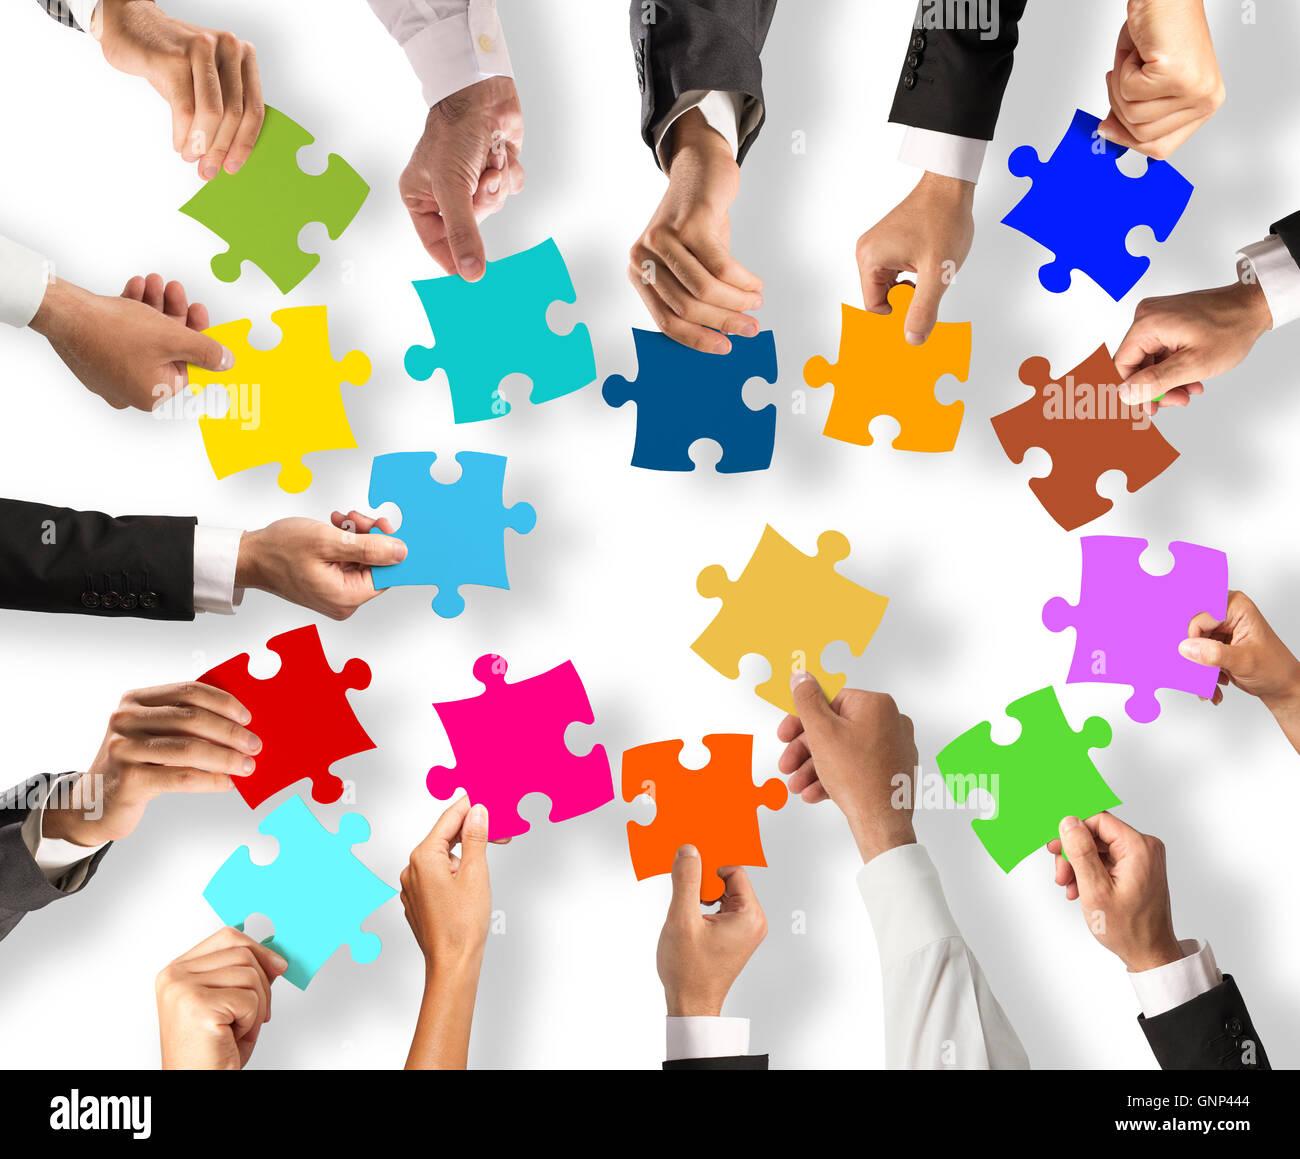 El trabajo en equipo y el concepto de integración con piezas de rompecabezas Imagen De Stock